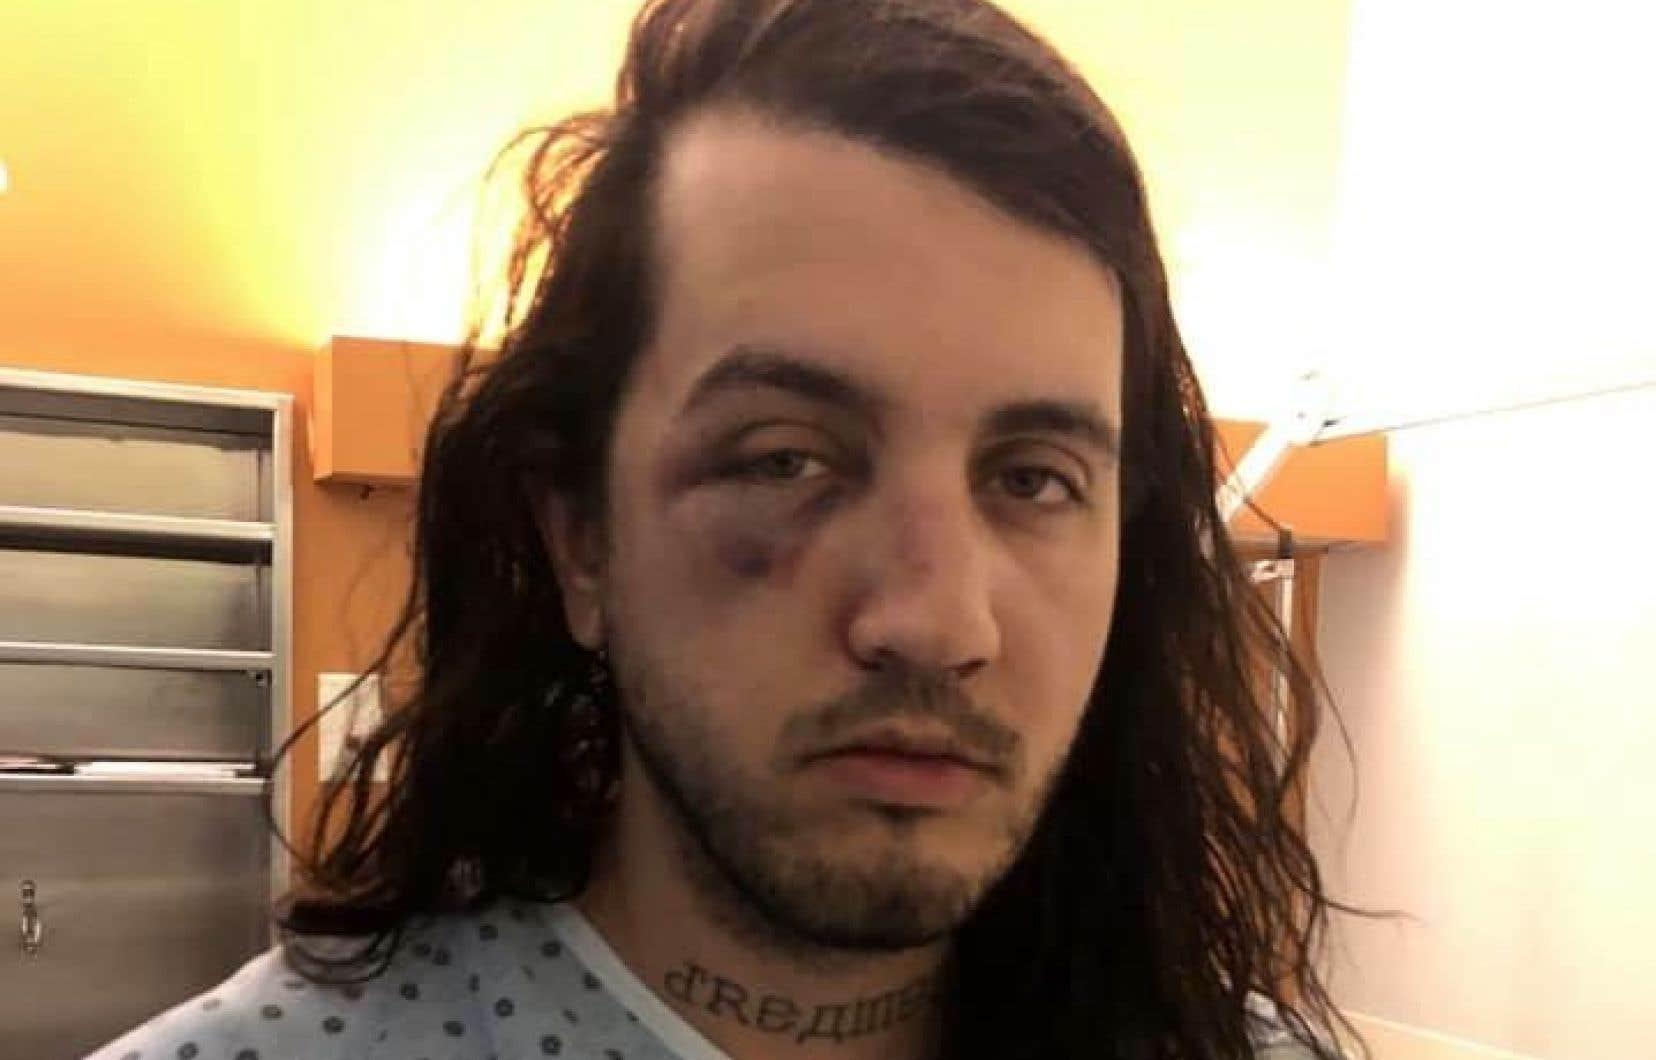 Sur Facebook, le designer Markantoine a publié une image où il apparaît en jaquette d'hôpital, le visage tuméfié, samedi.